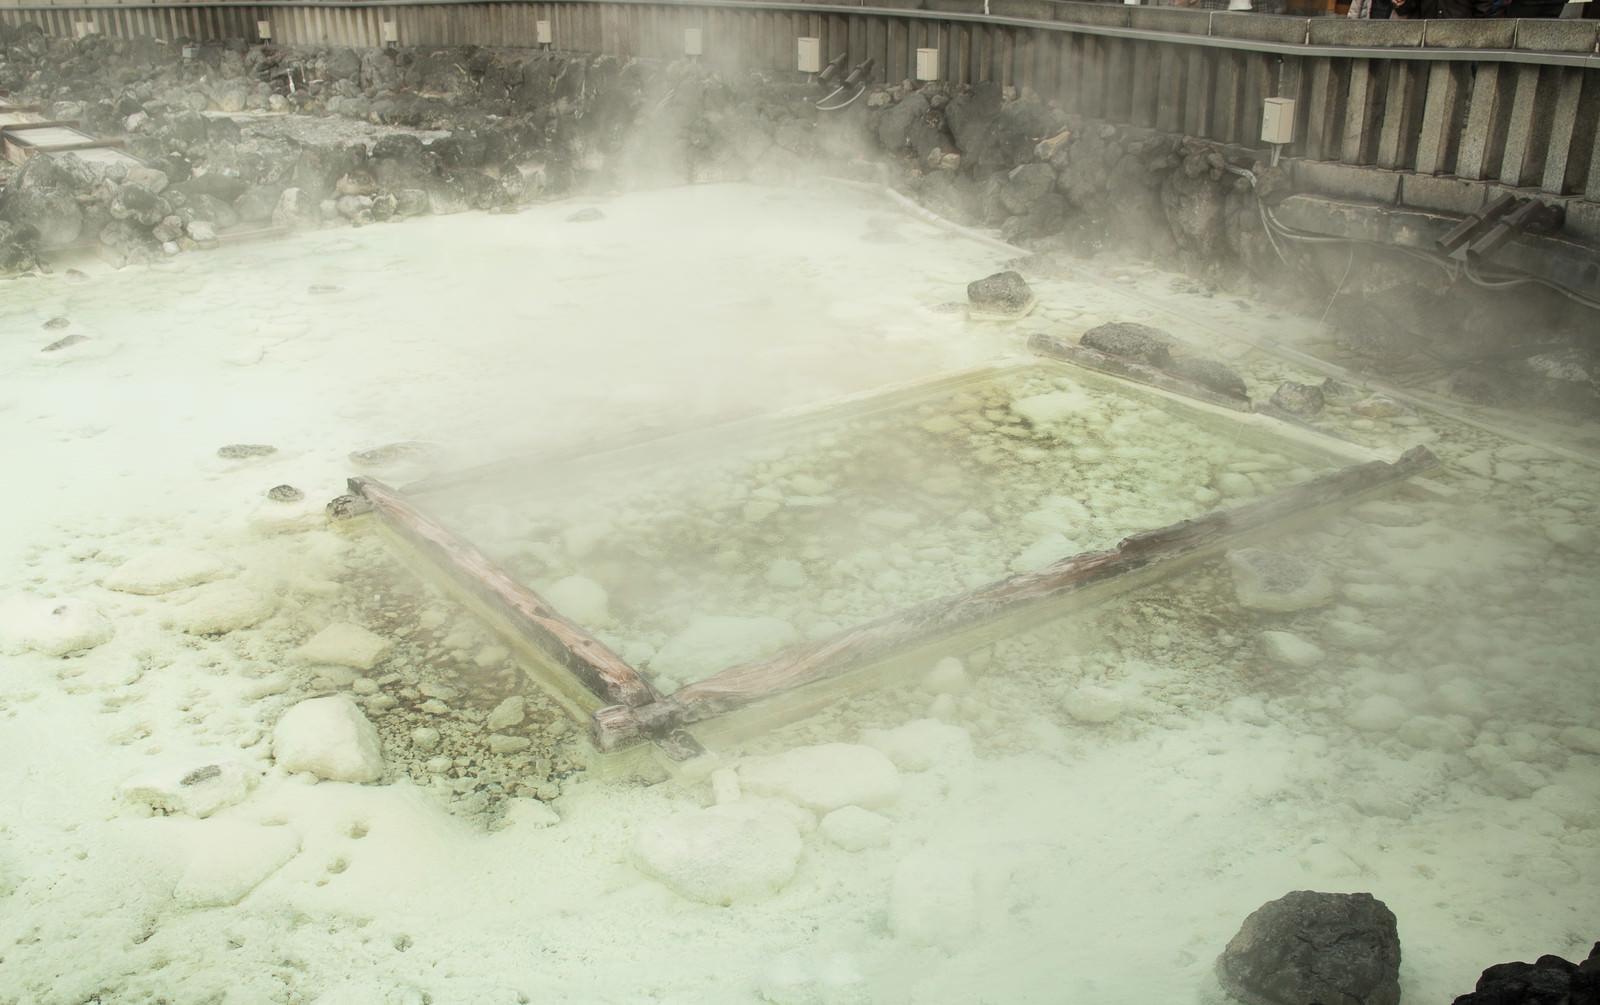 「温泉街中心部にある草津温泉の源泉 | 写真の無料素材・フリー素材 - ぱくたそ」の写真